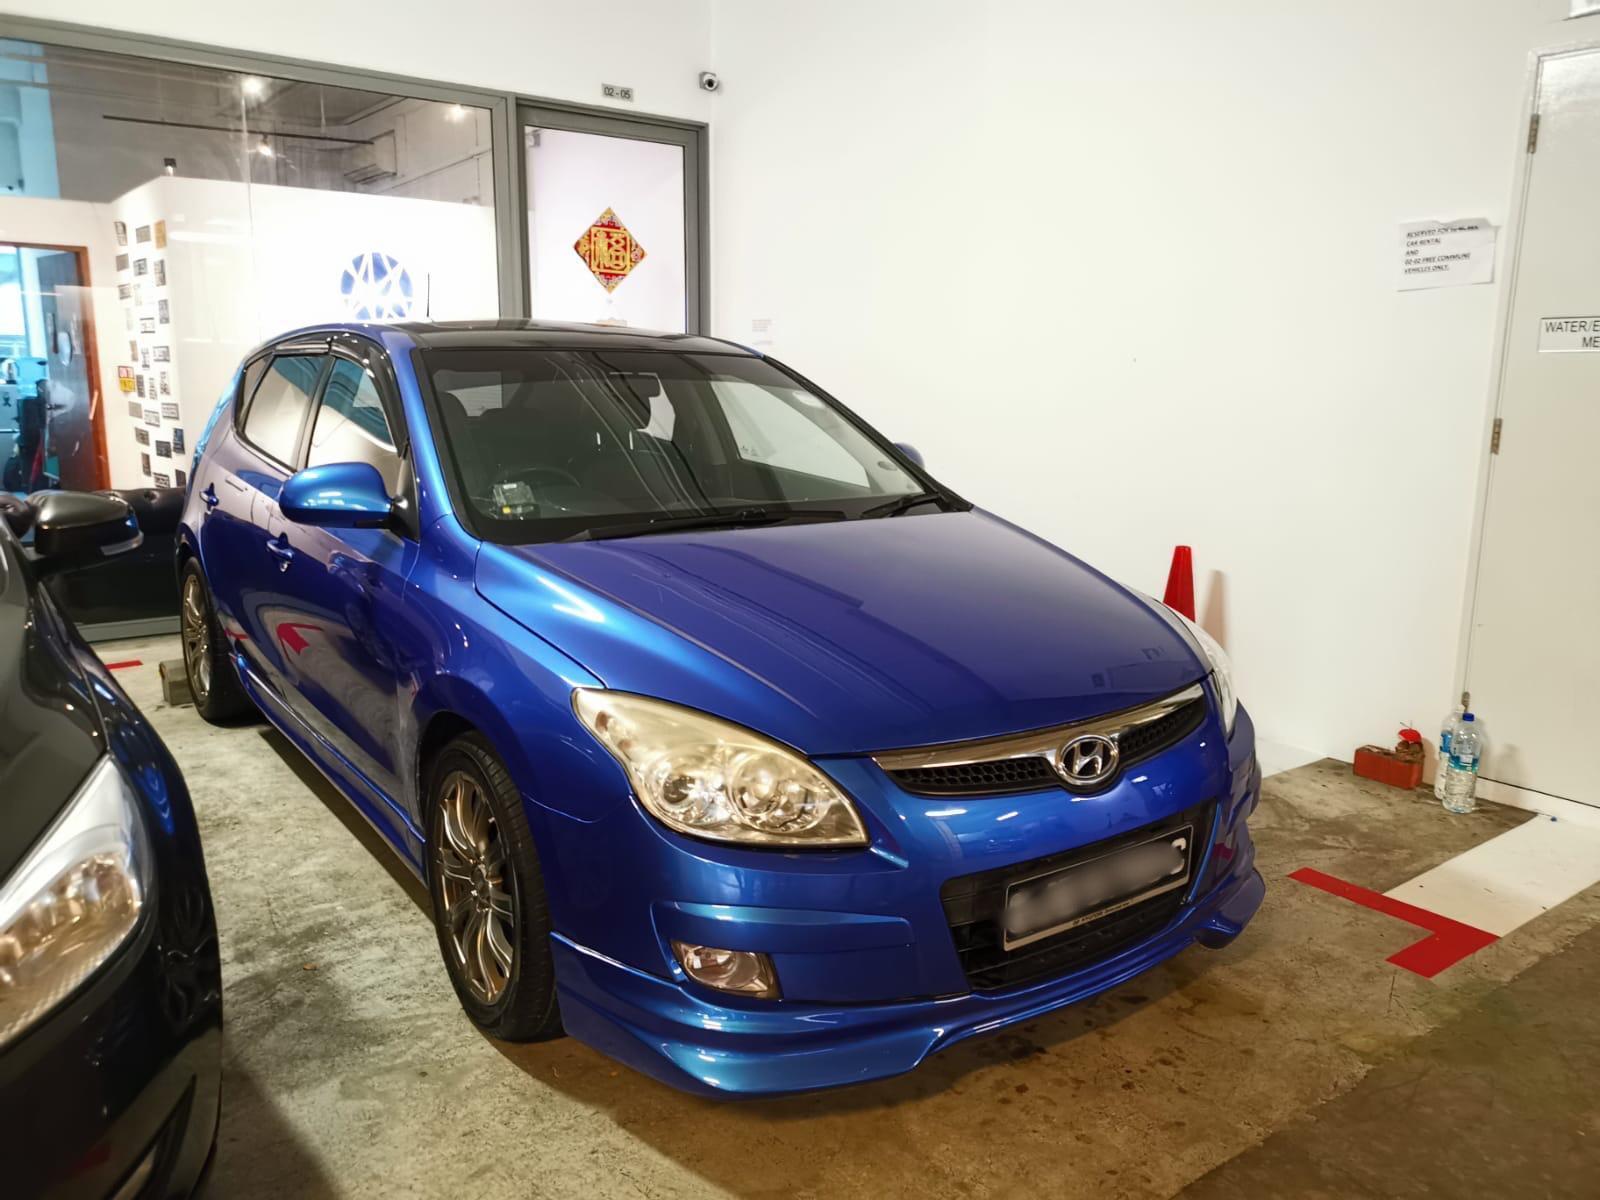 98000933 - Cheap car rental